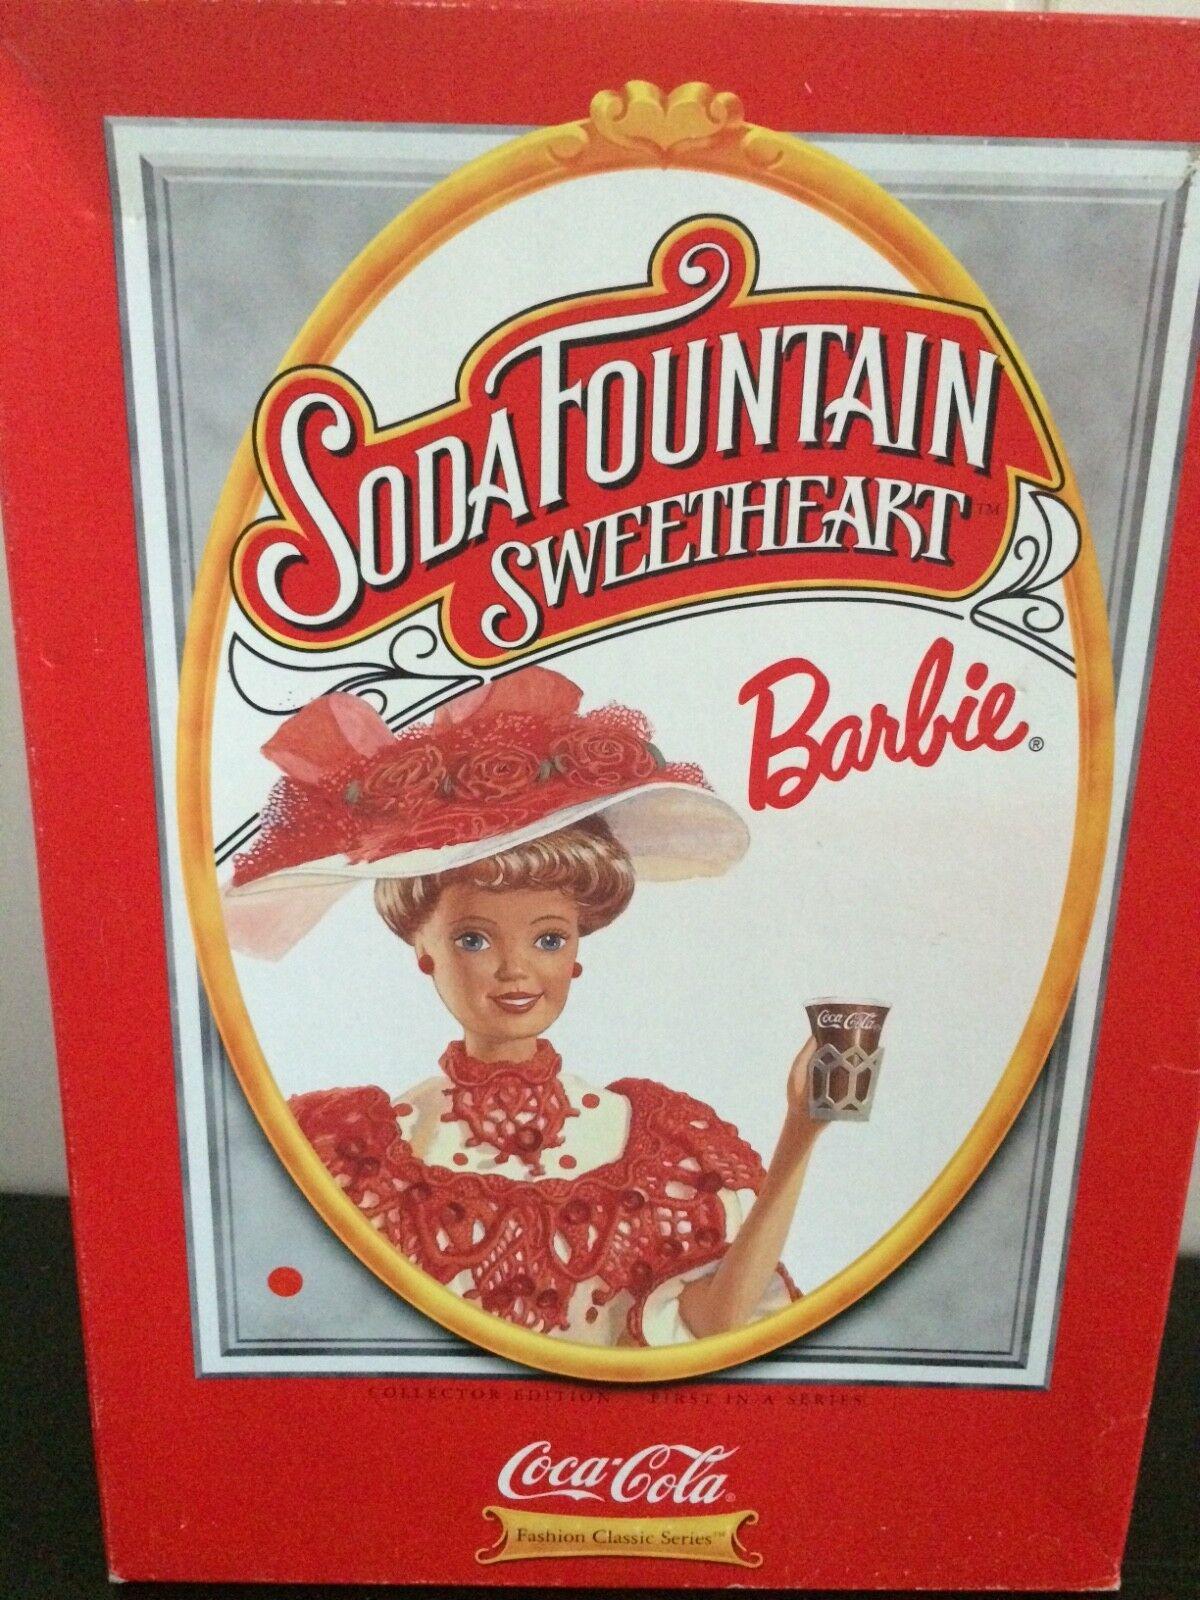 Barbie Soda Fountain Sweetheart Coca-Cola Collector Edition Mattel 15762  | Hohe Qualität und günstig